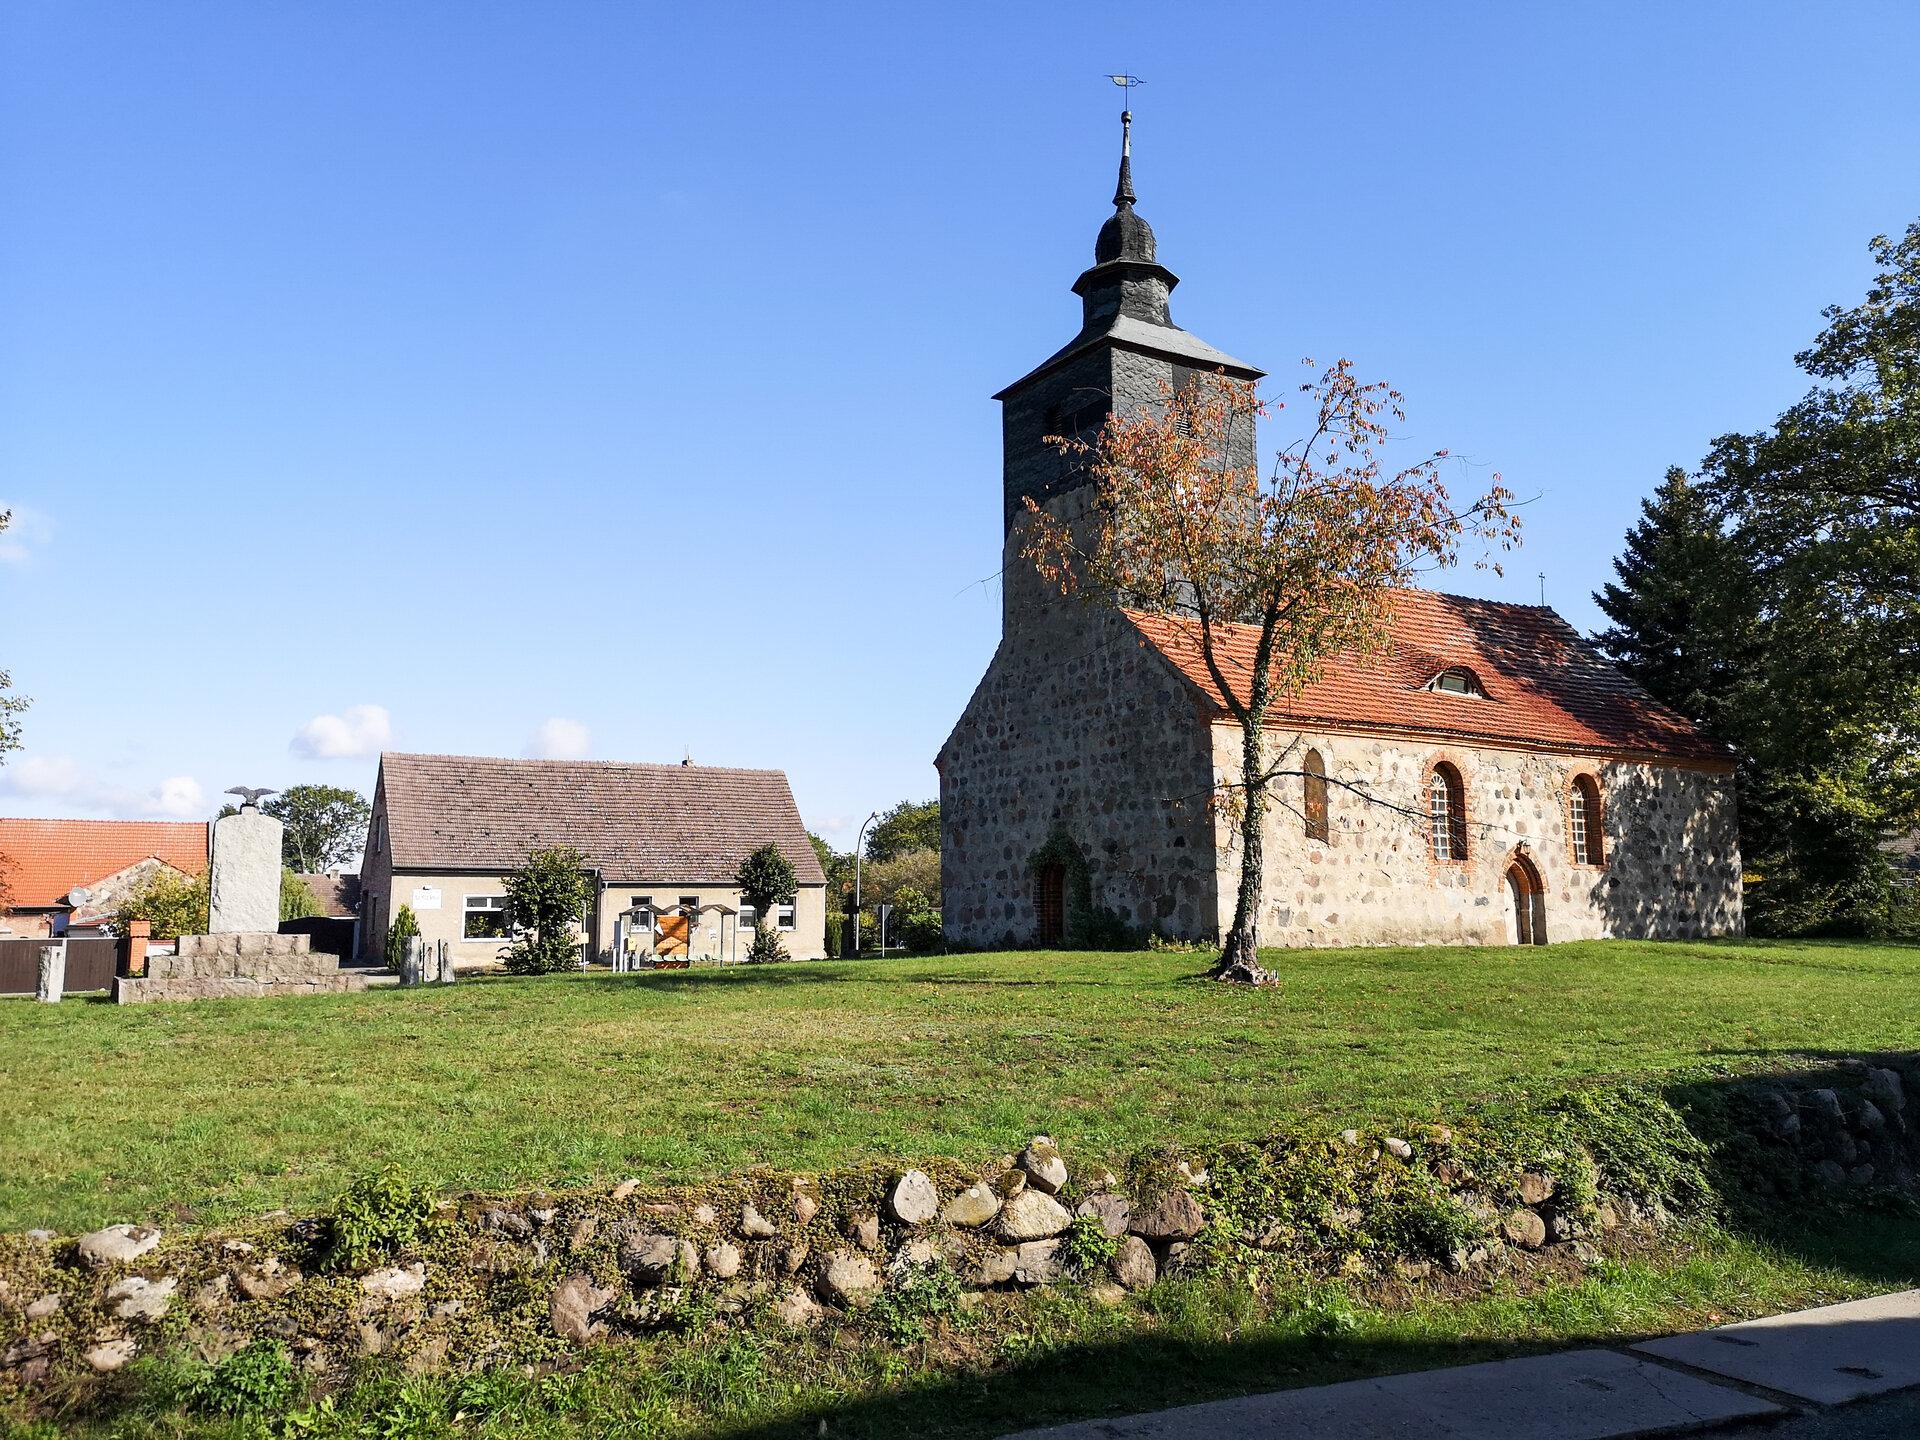 Kemnitz_Kirche-2